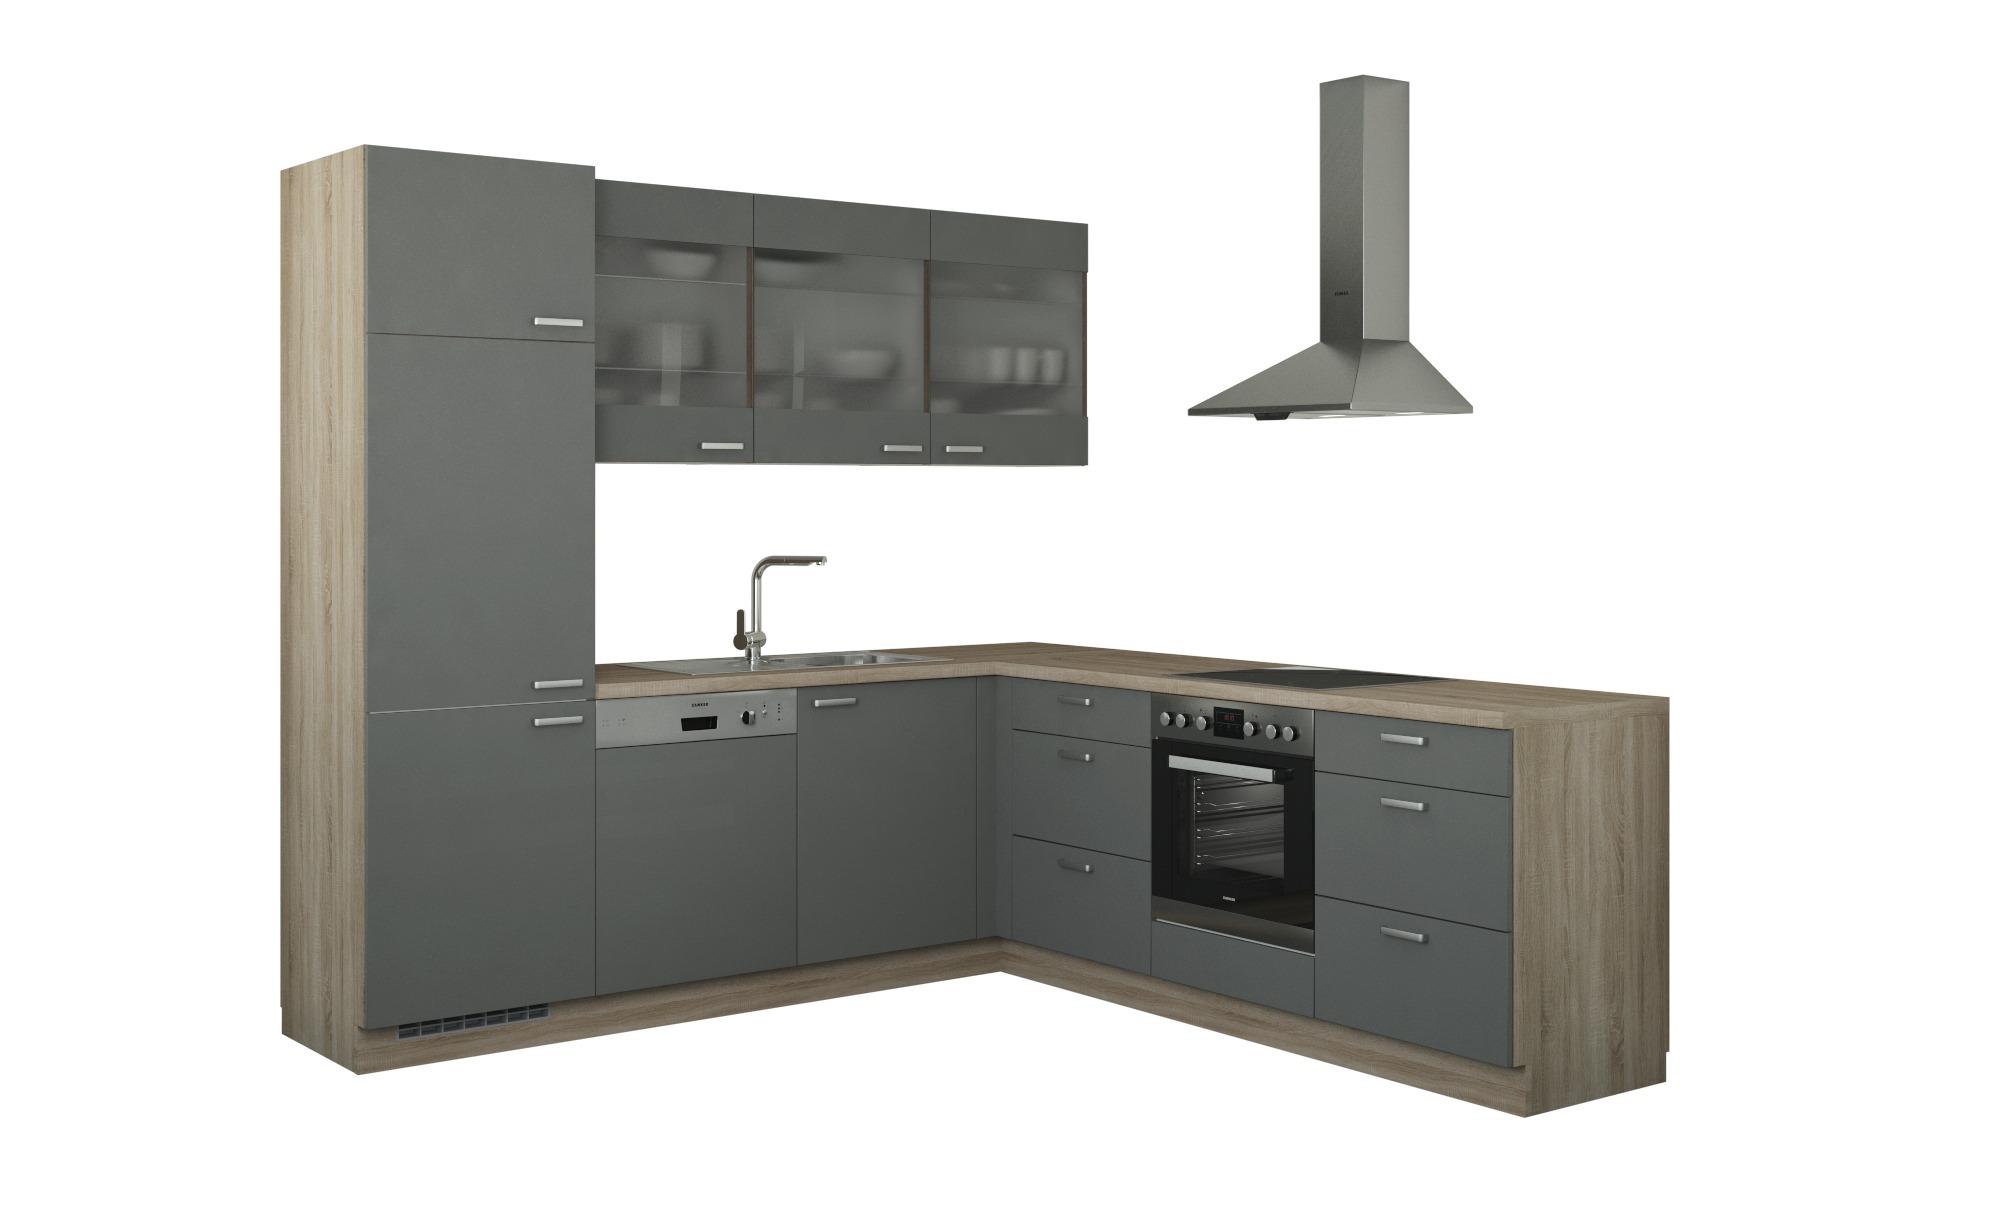 Winkelküche ohne Elektrogeräte  Sylt Küchen > Küchenblöcke - Höffner